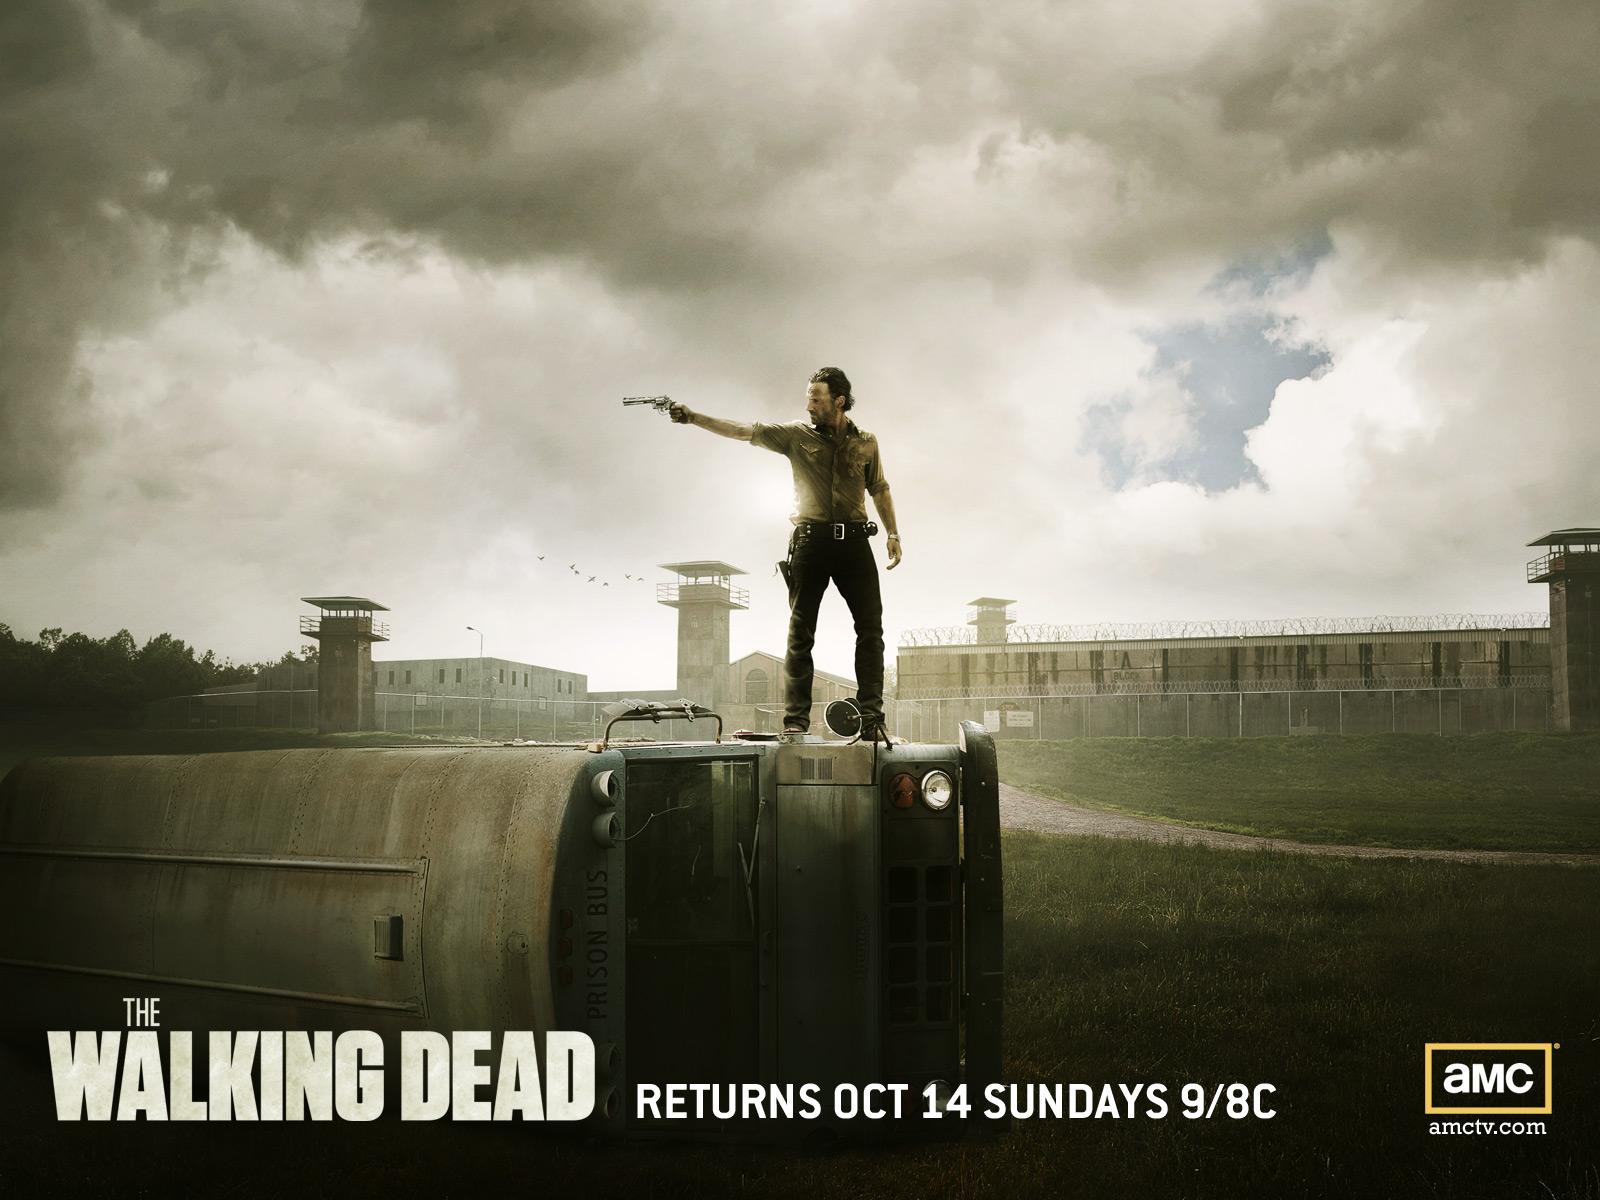 The Walking Dead the walking dead 32297721 1600 1200jpg 1600x1200